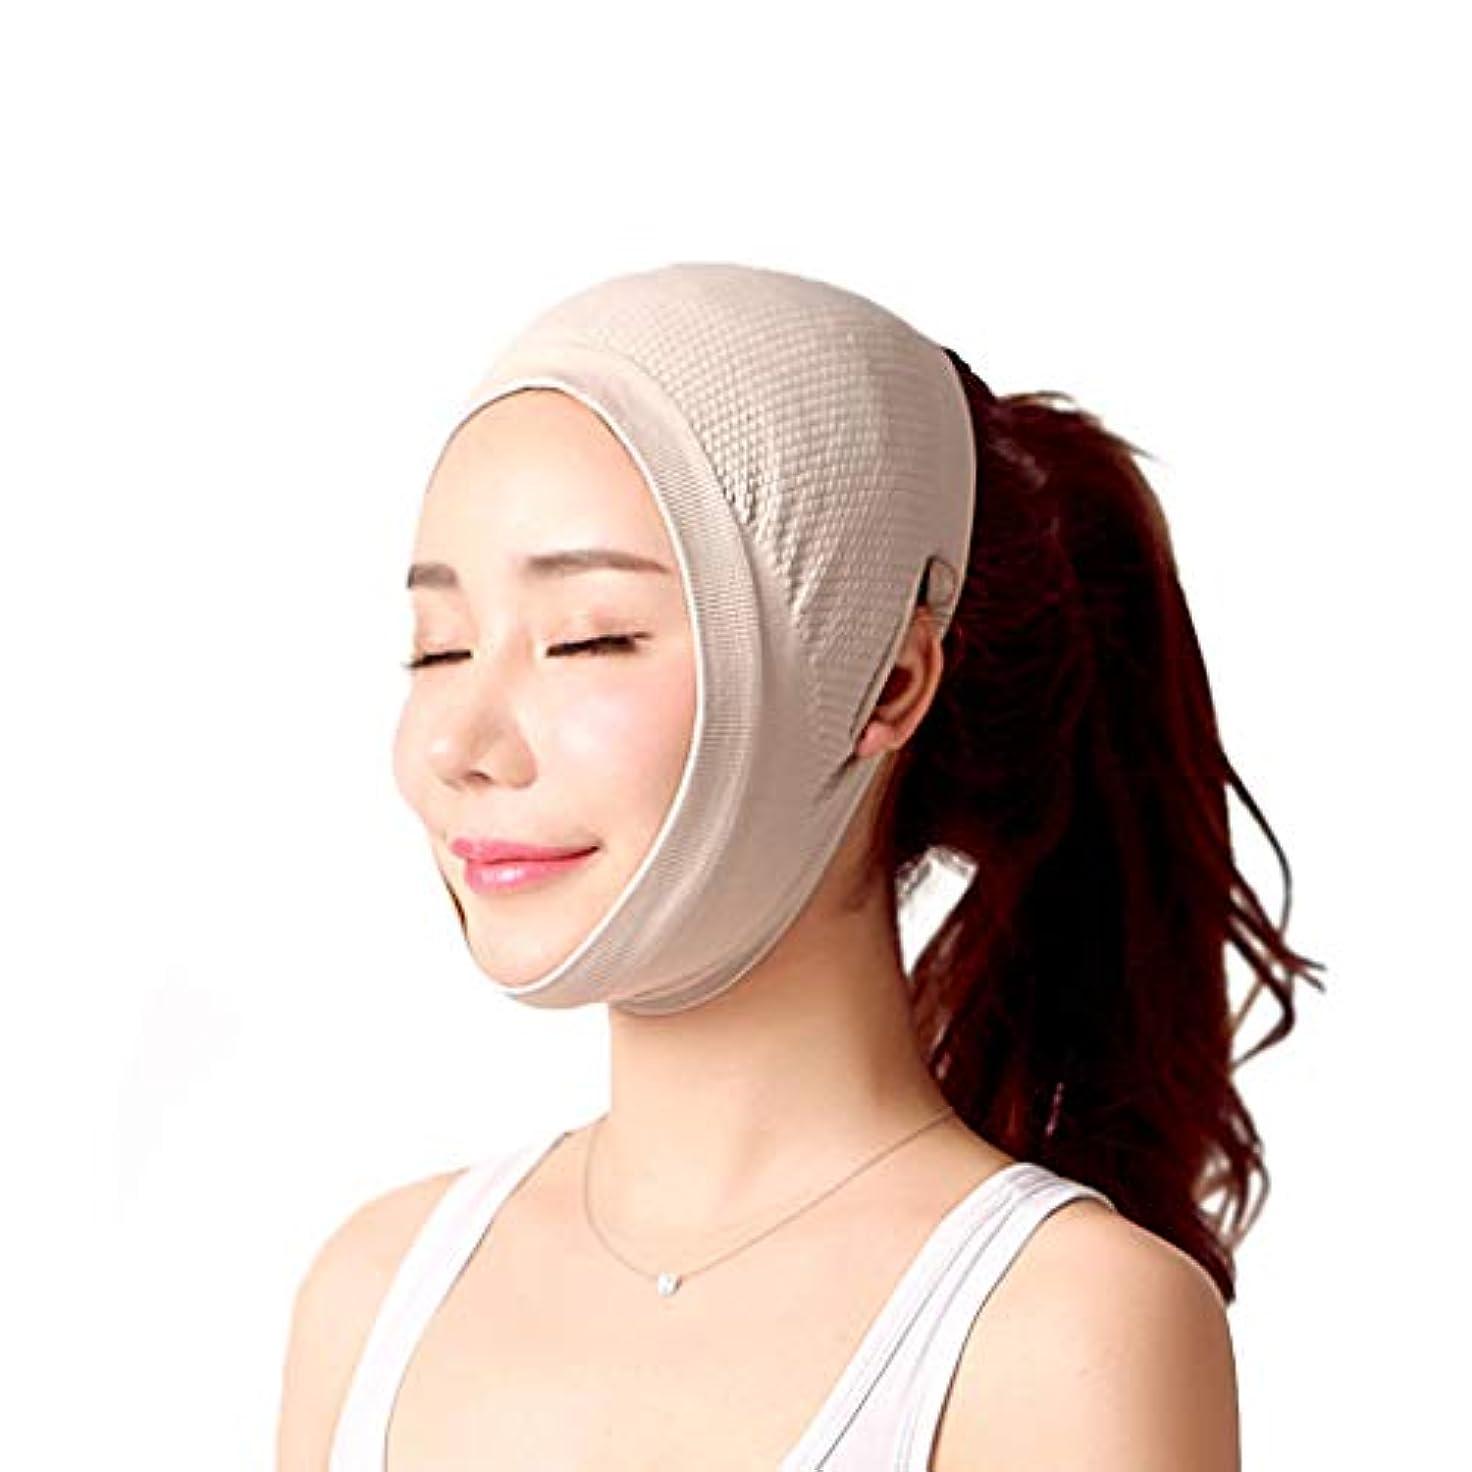 ラインナップ主張大混乱XHLMRMJ 顔痩身包帯、二重あご、二重あごを減らすために顔を持ち上げる、顔を引き締める、体重を減らすためのマスク(ワンサイズ)